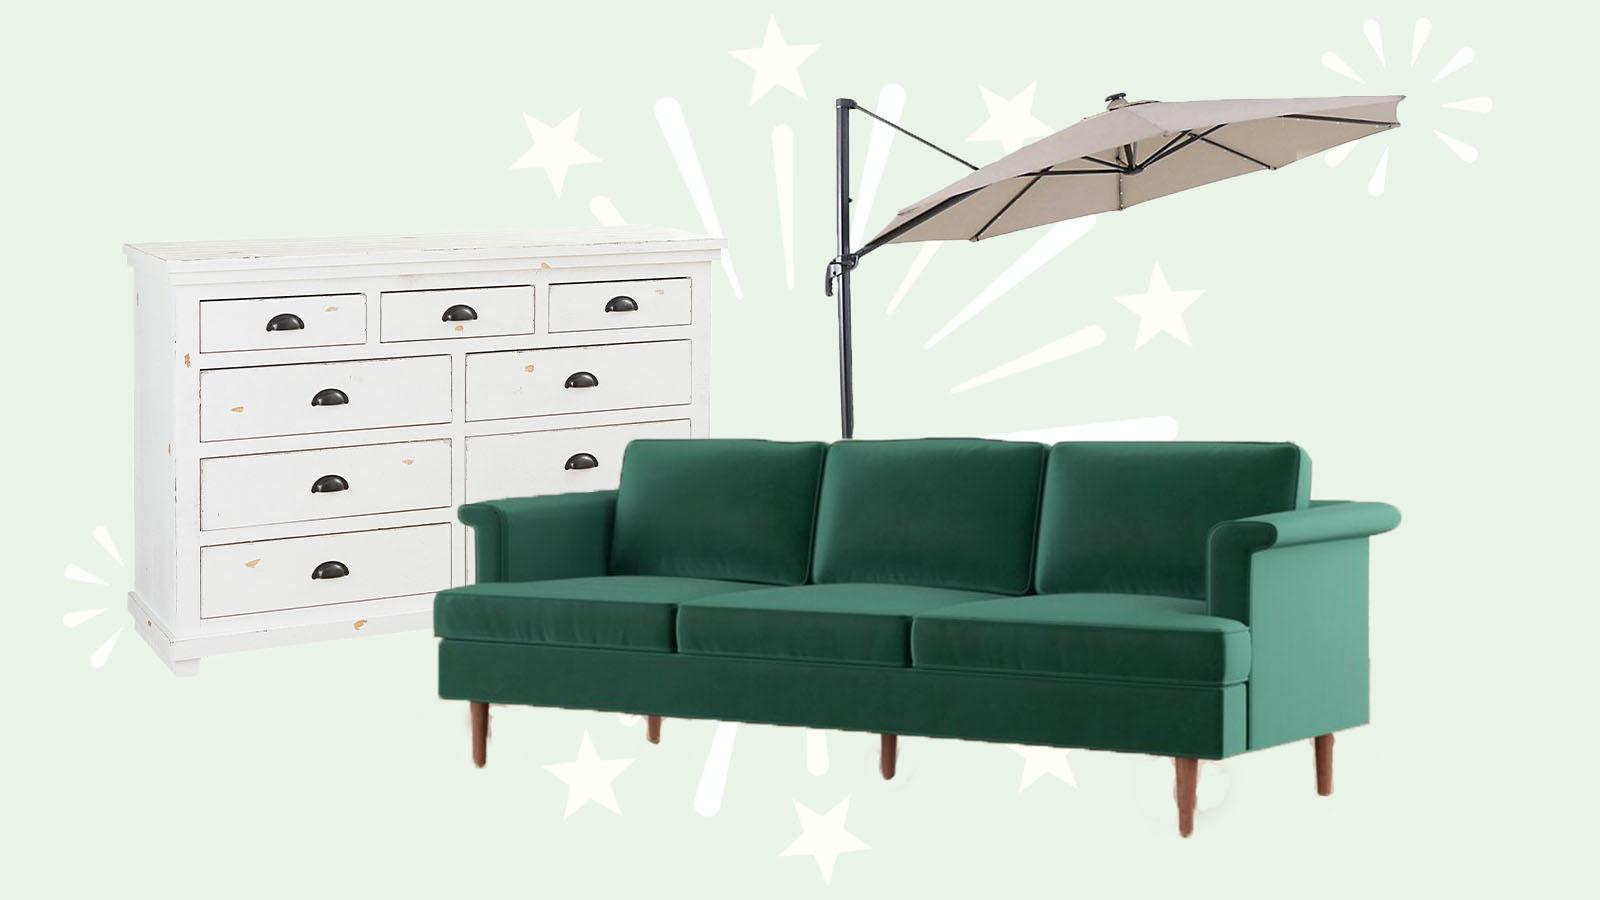 Furniture Sales Memorial Day 2021 Cnn